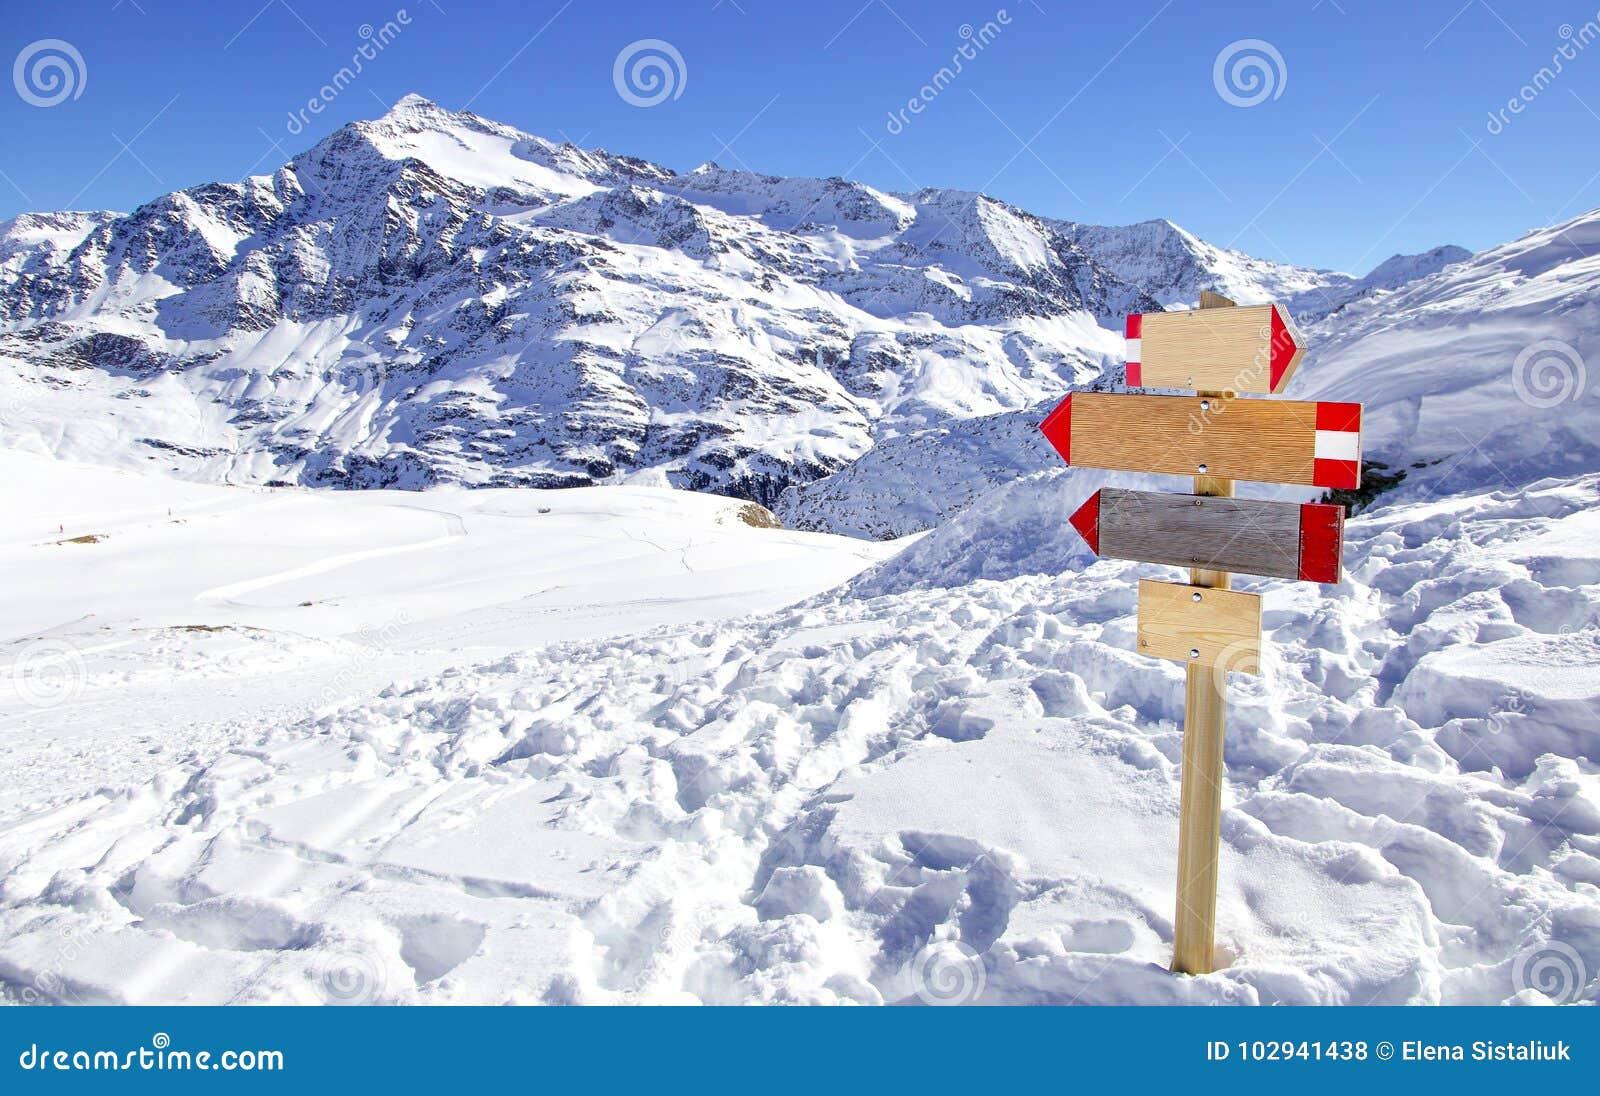 знак направления на лыжном курорте в итальянских альпах